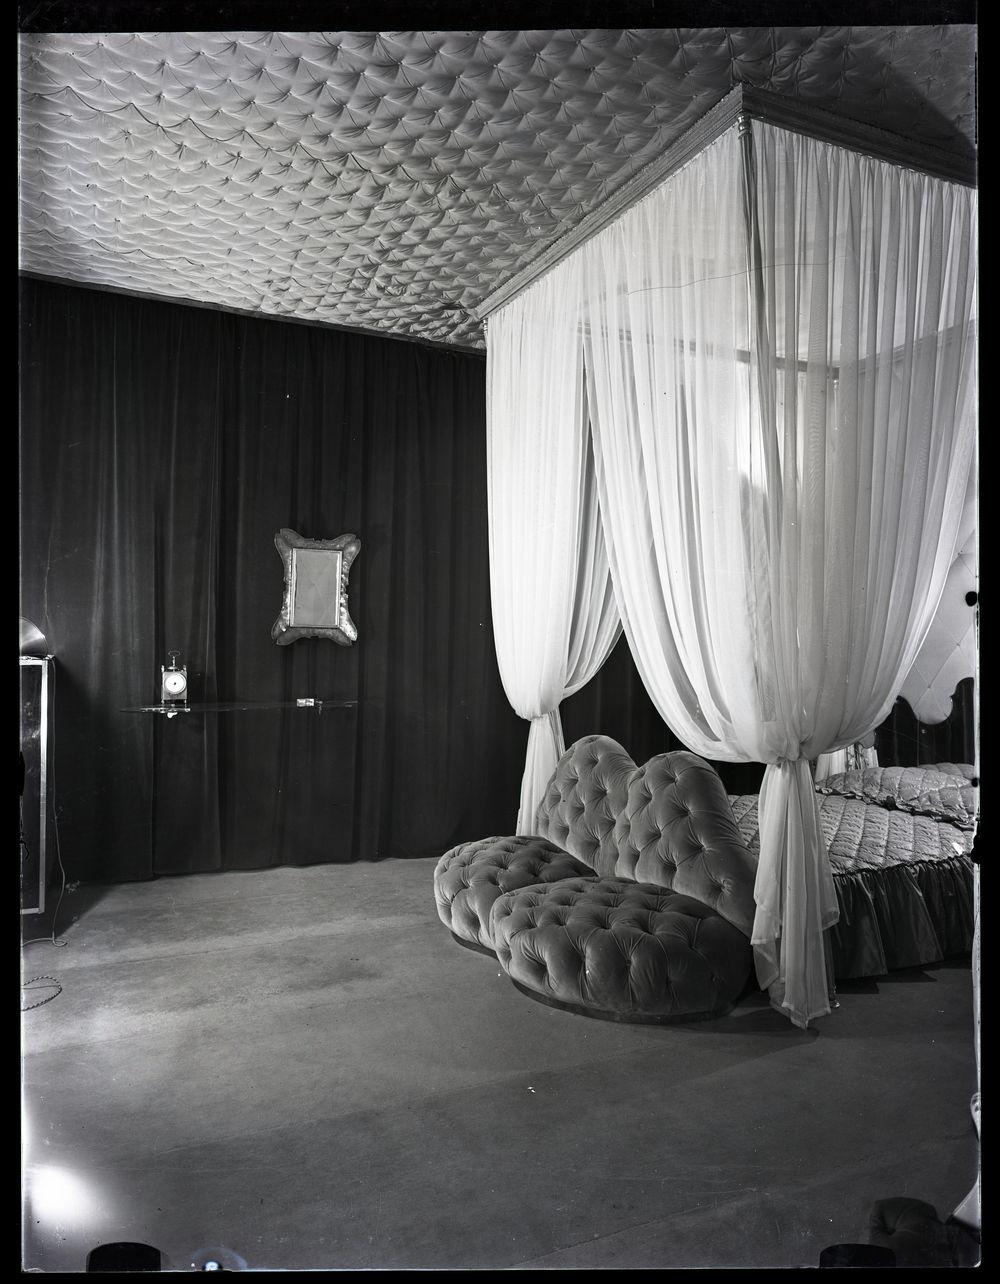 Casa Devalle, 1939-1940, by Italian architect, designer, and photographer Carlo Mollino.© Fondo Carlo Mollino